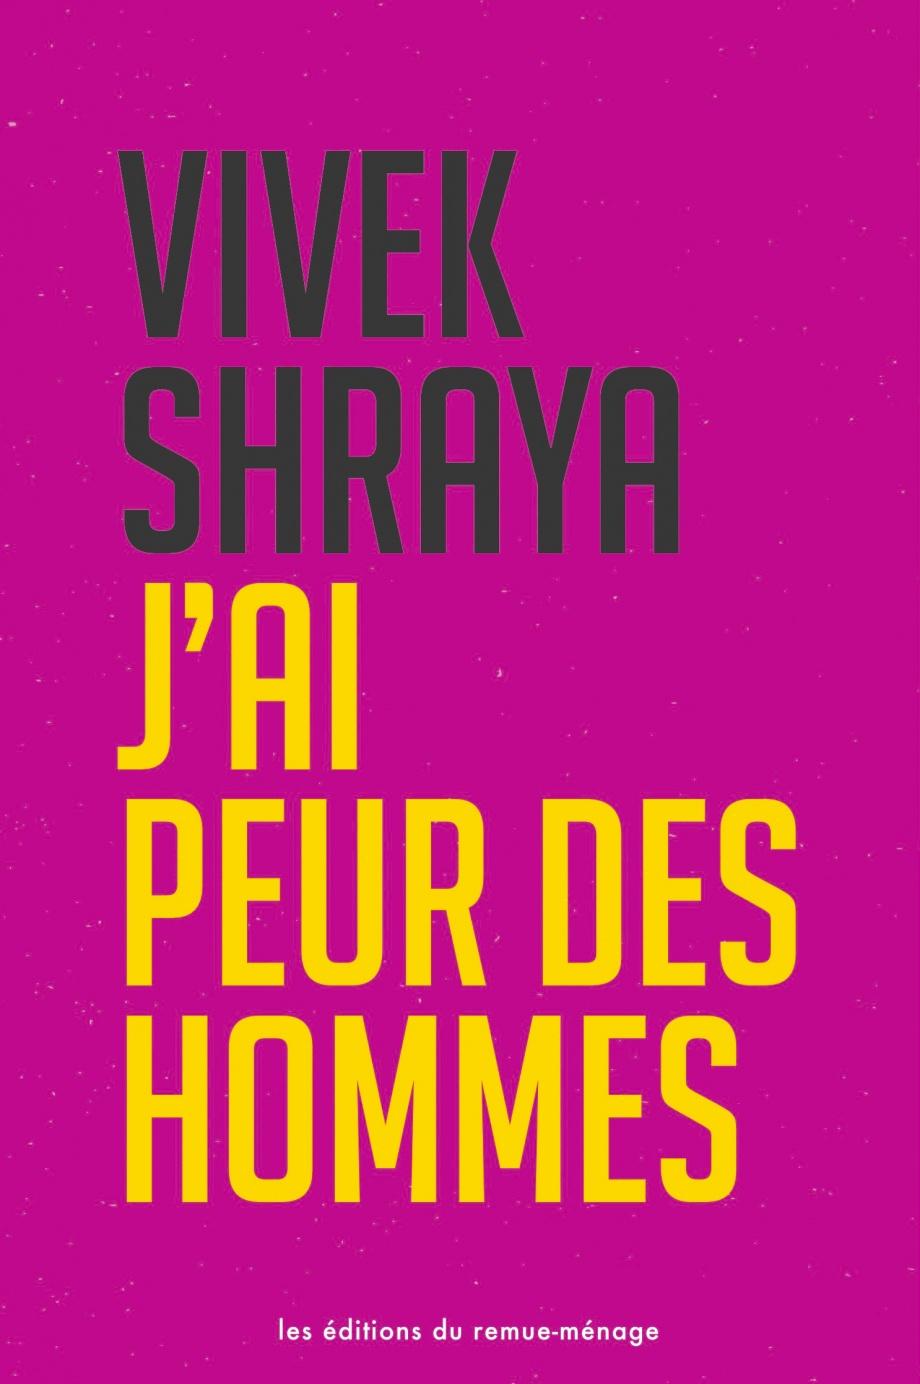 J'ai peur des hommes de Vivek Shraya